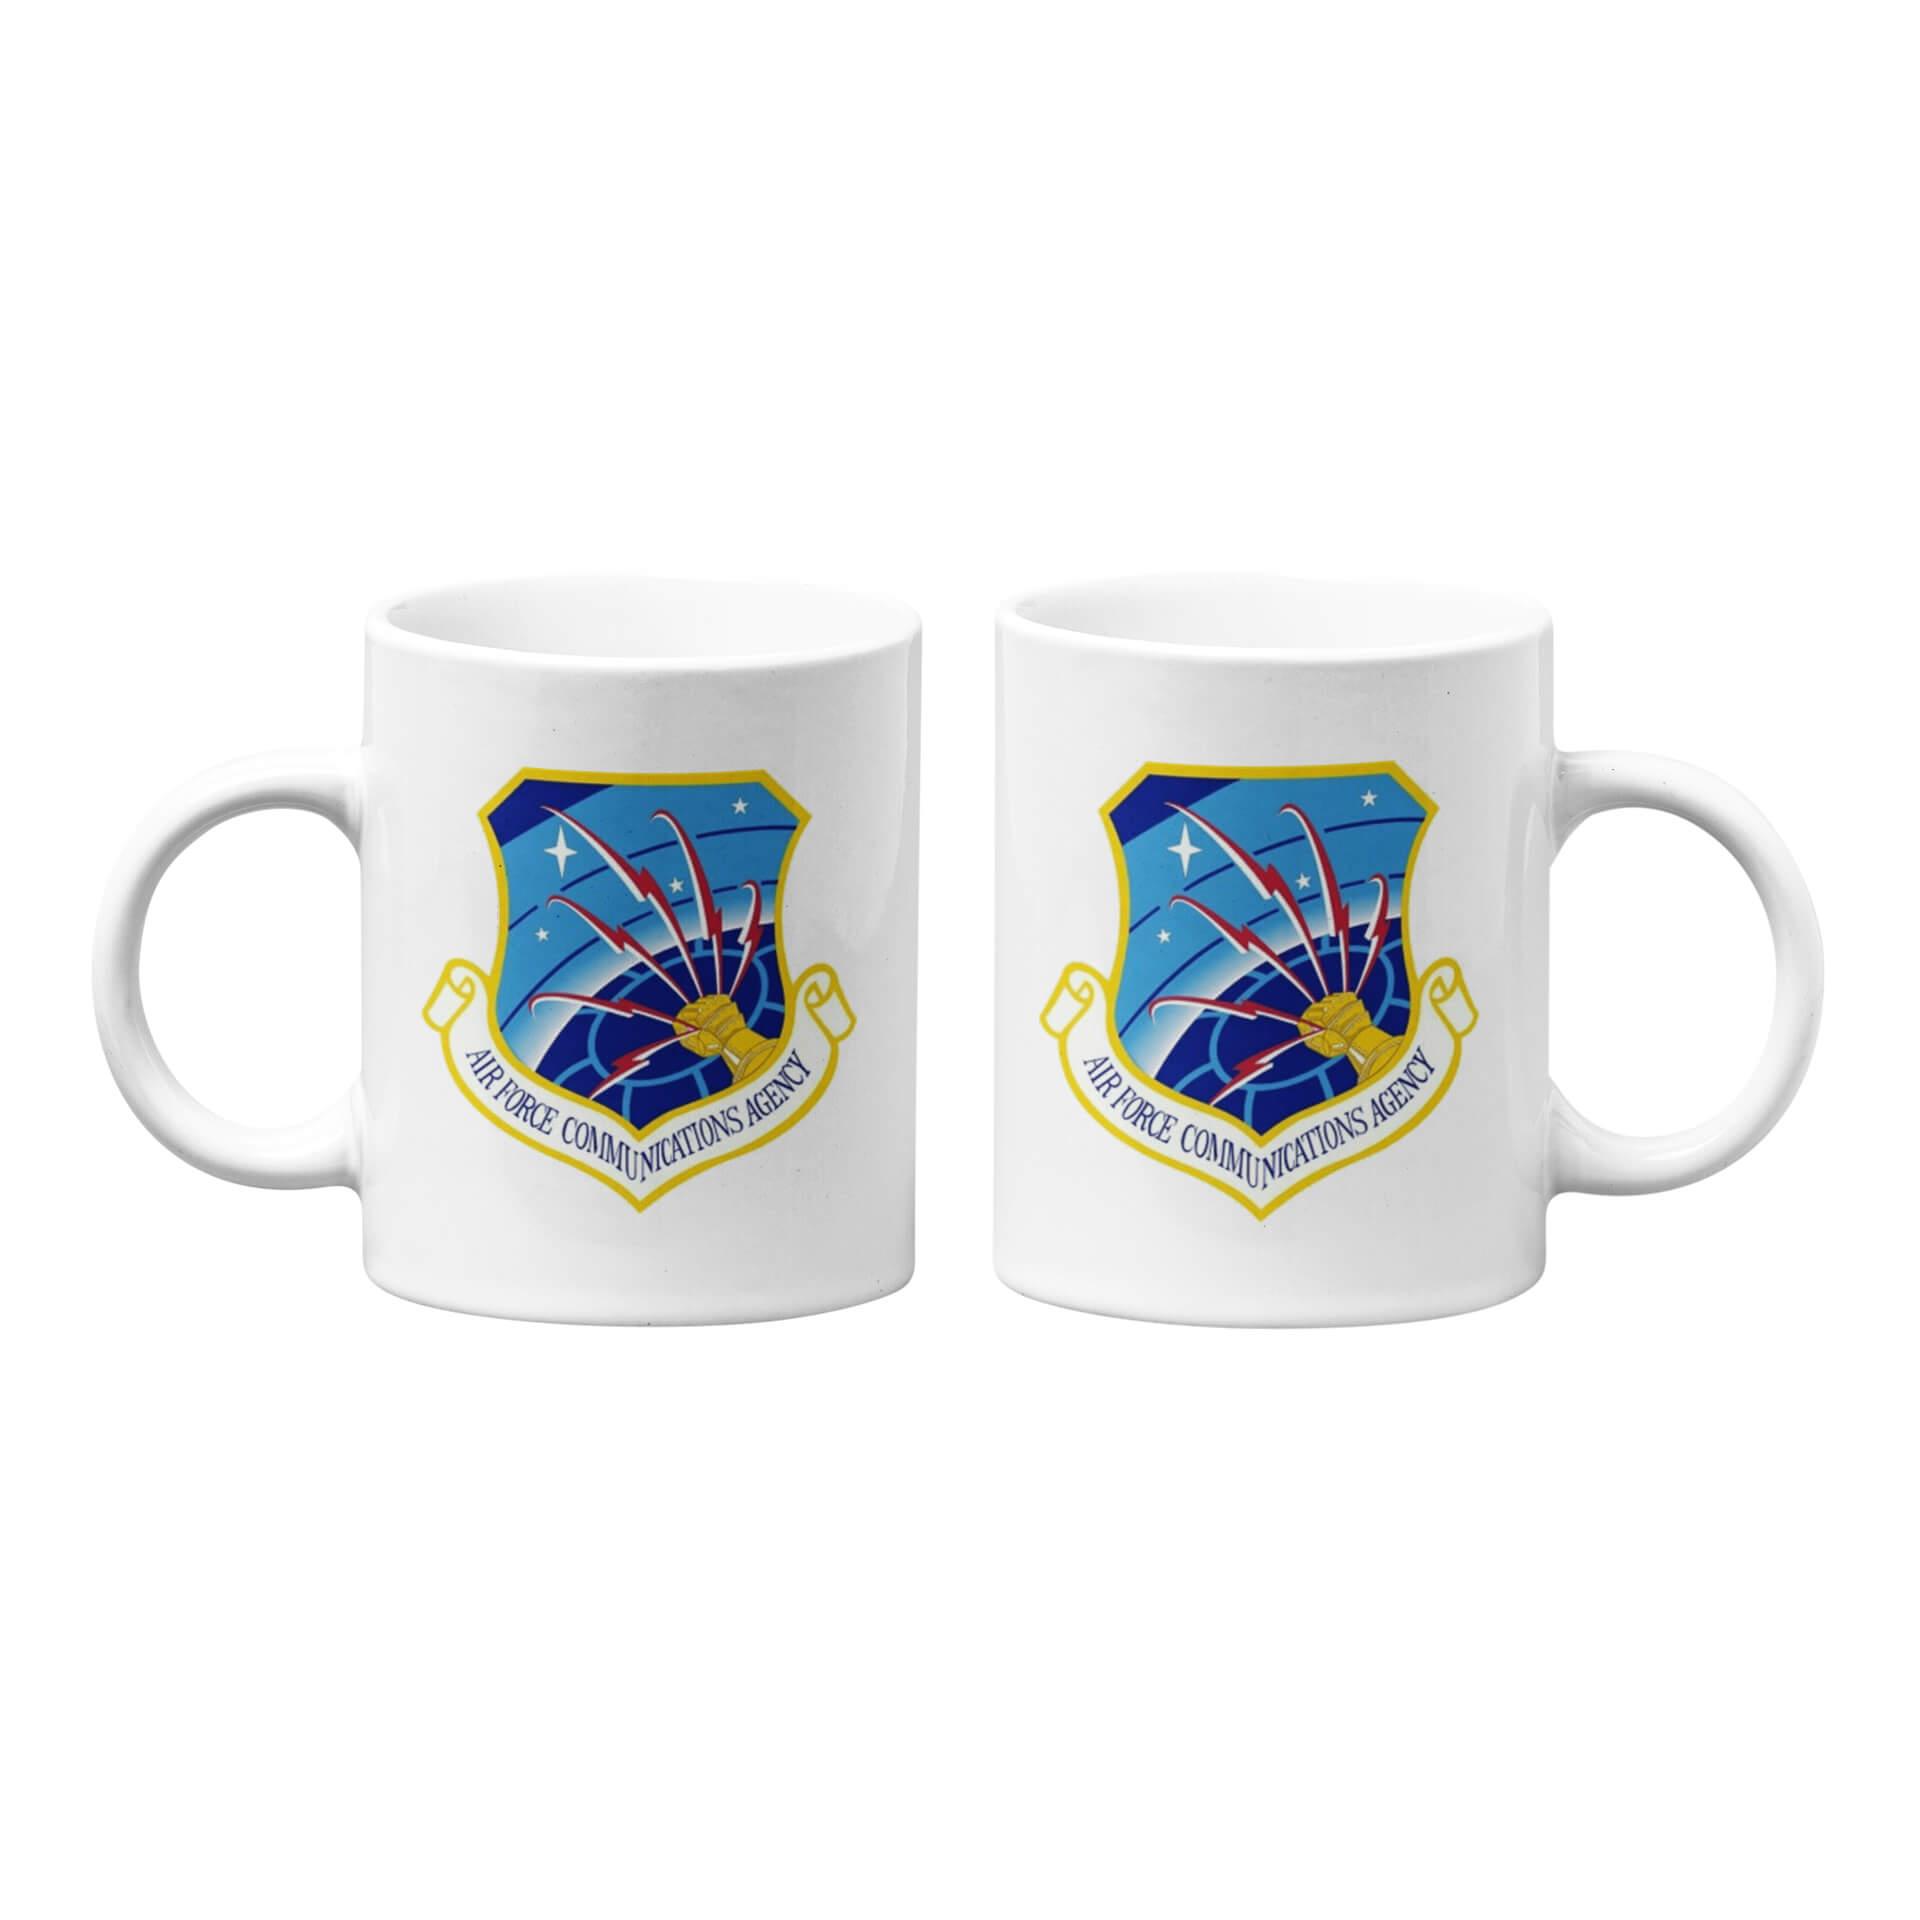 U.S. Air Force Communications Agency Emblem Mug